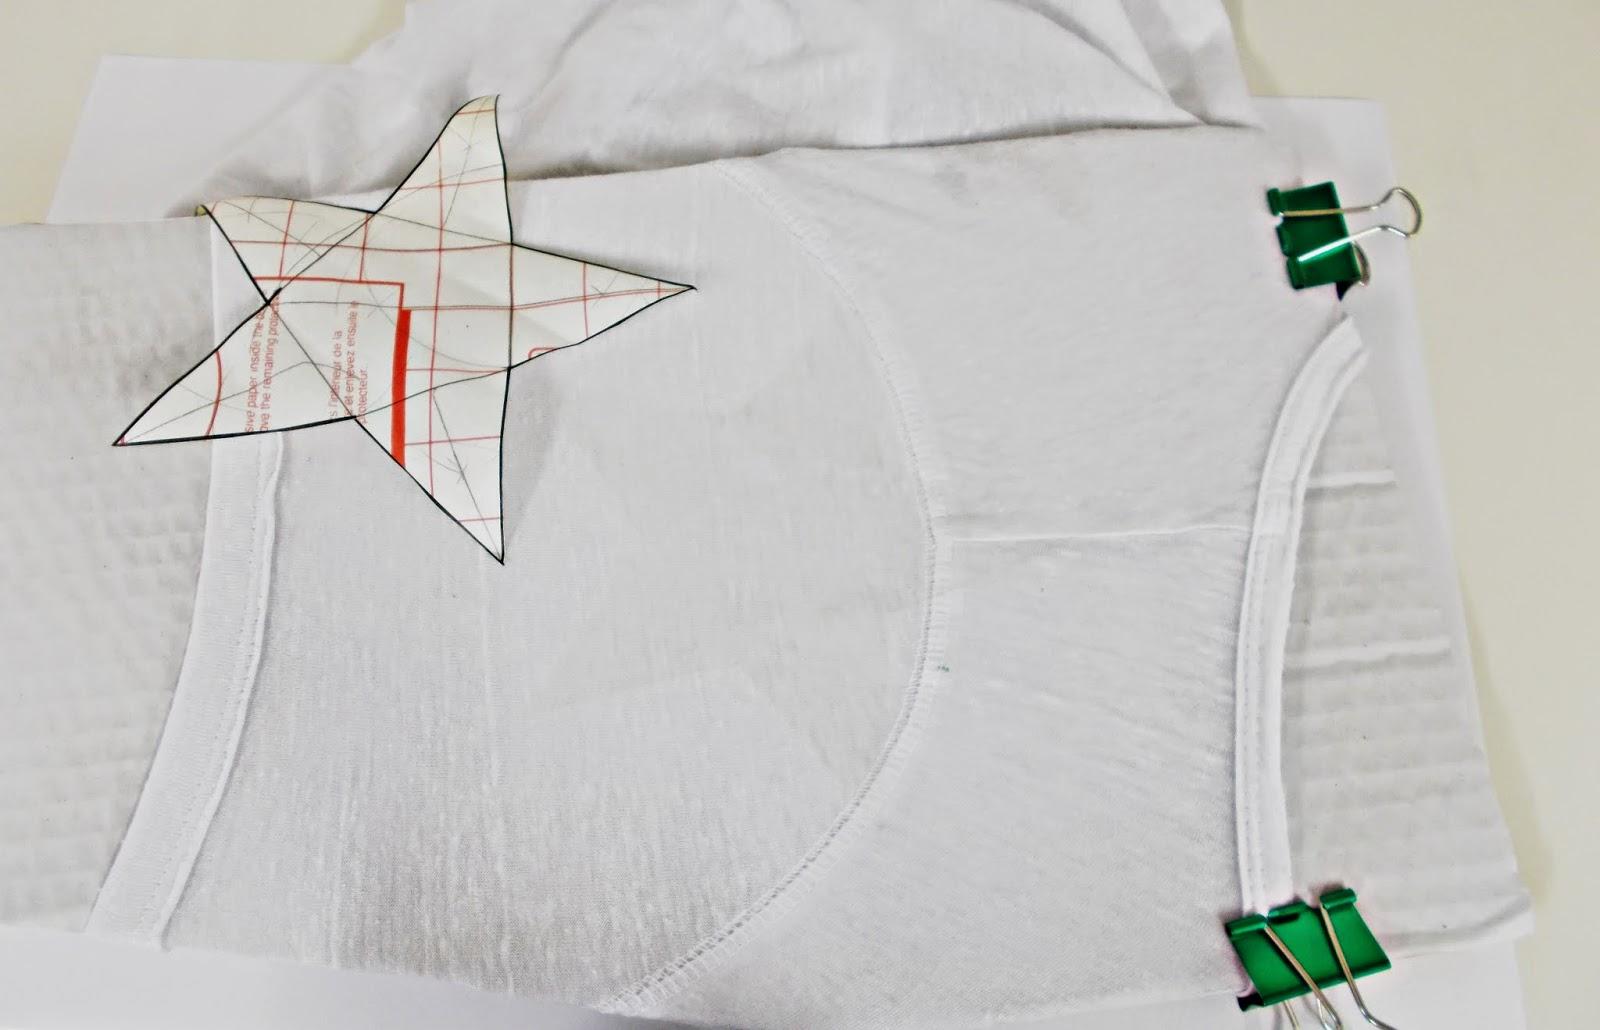 DIY-camiseta-pintada-estarcido-sello-tinta-estrella-DIYviertete-4